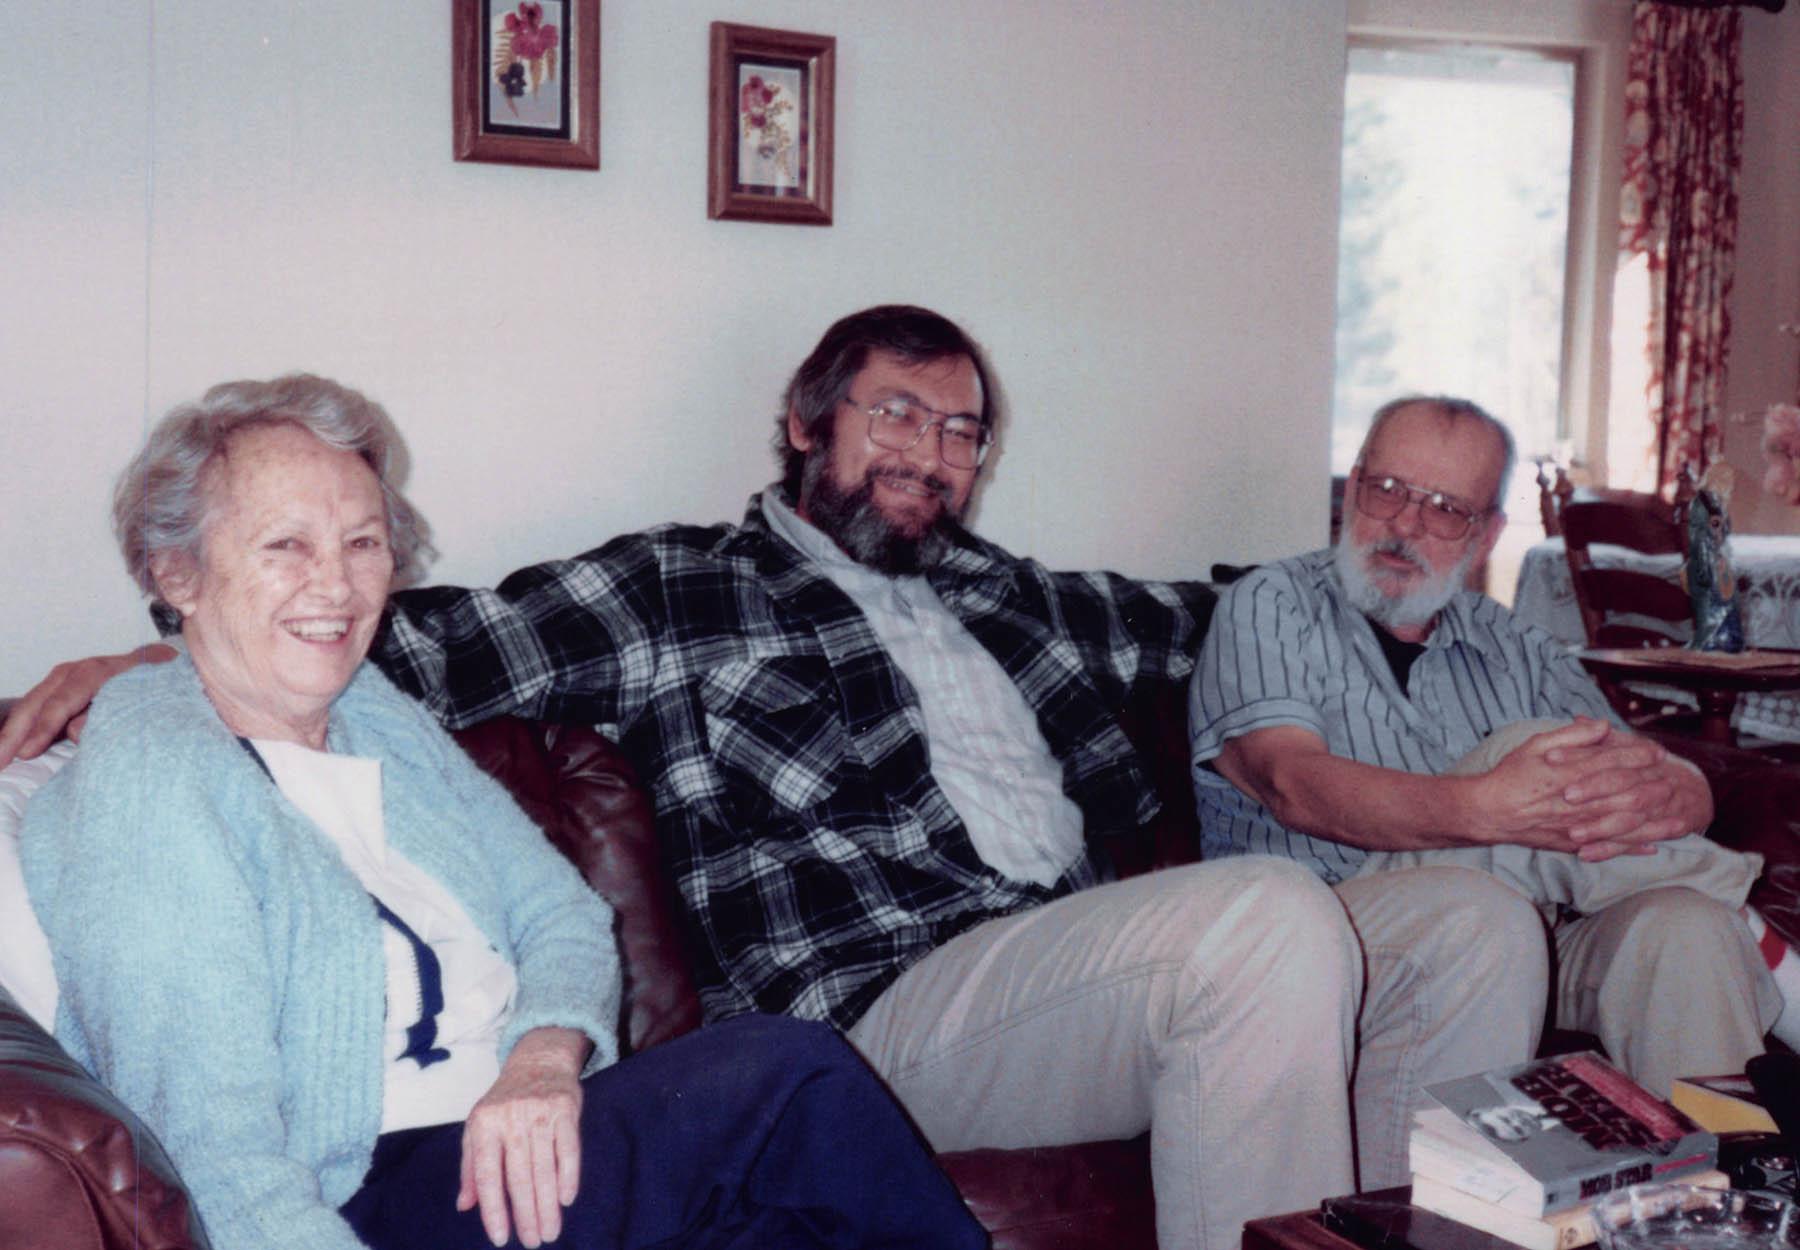 Portola, California c.1990